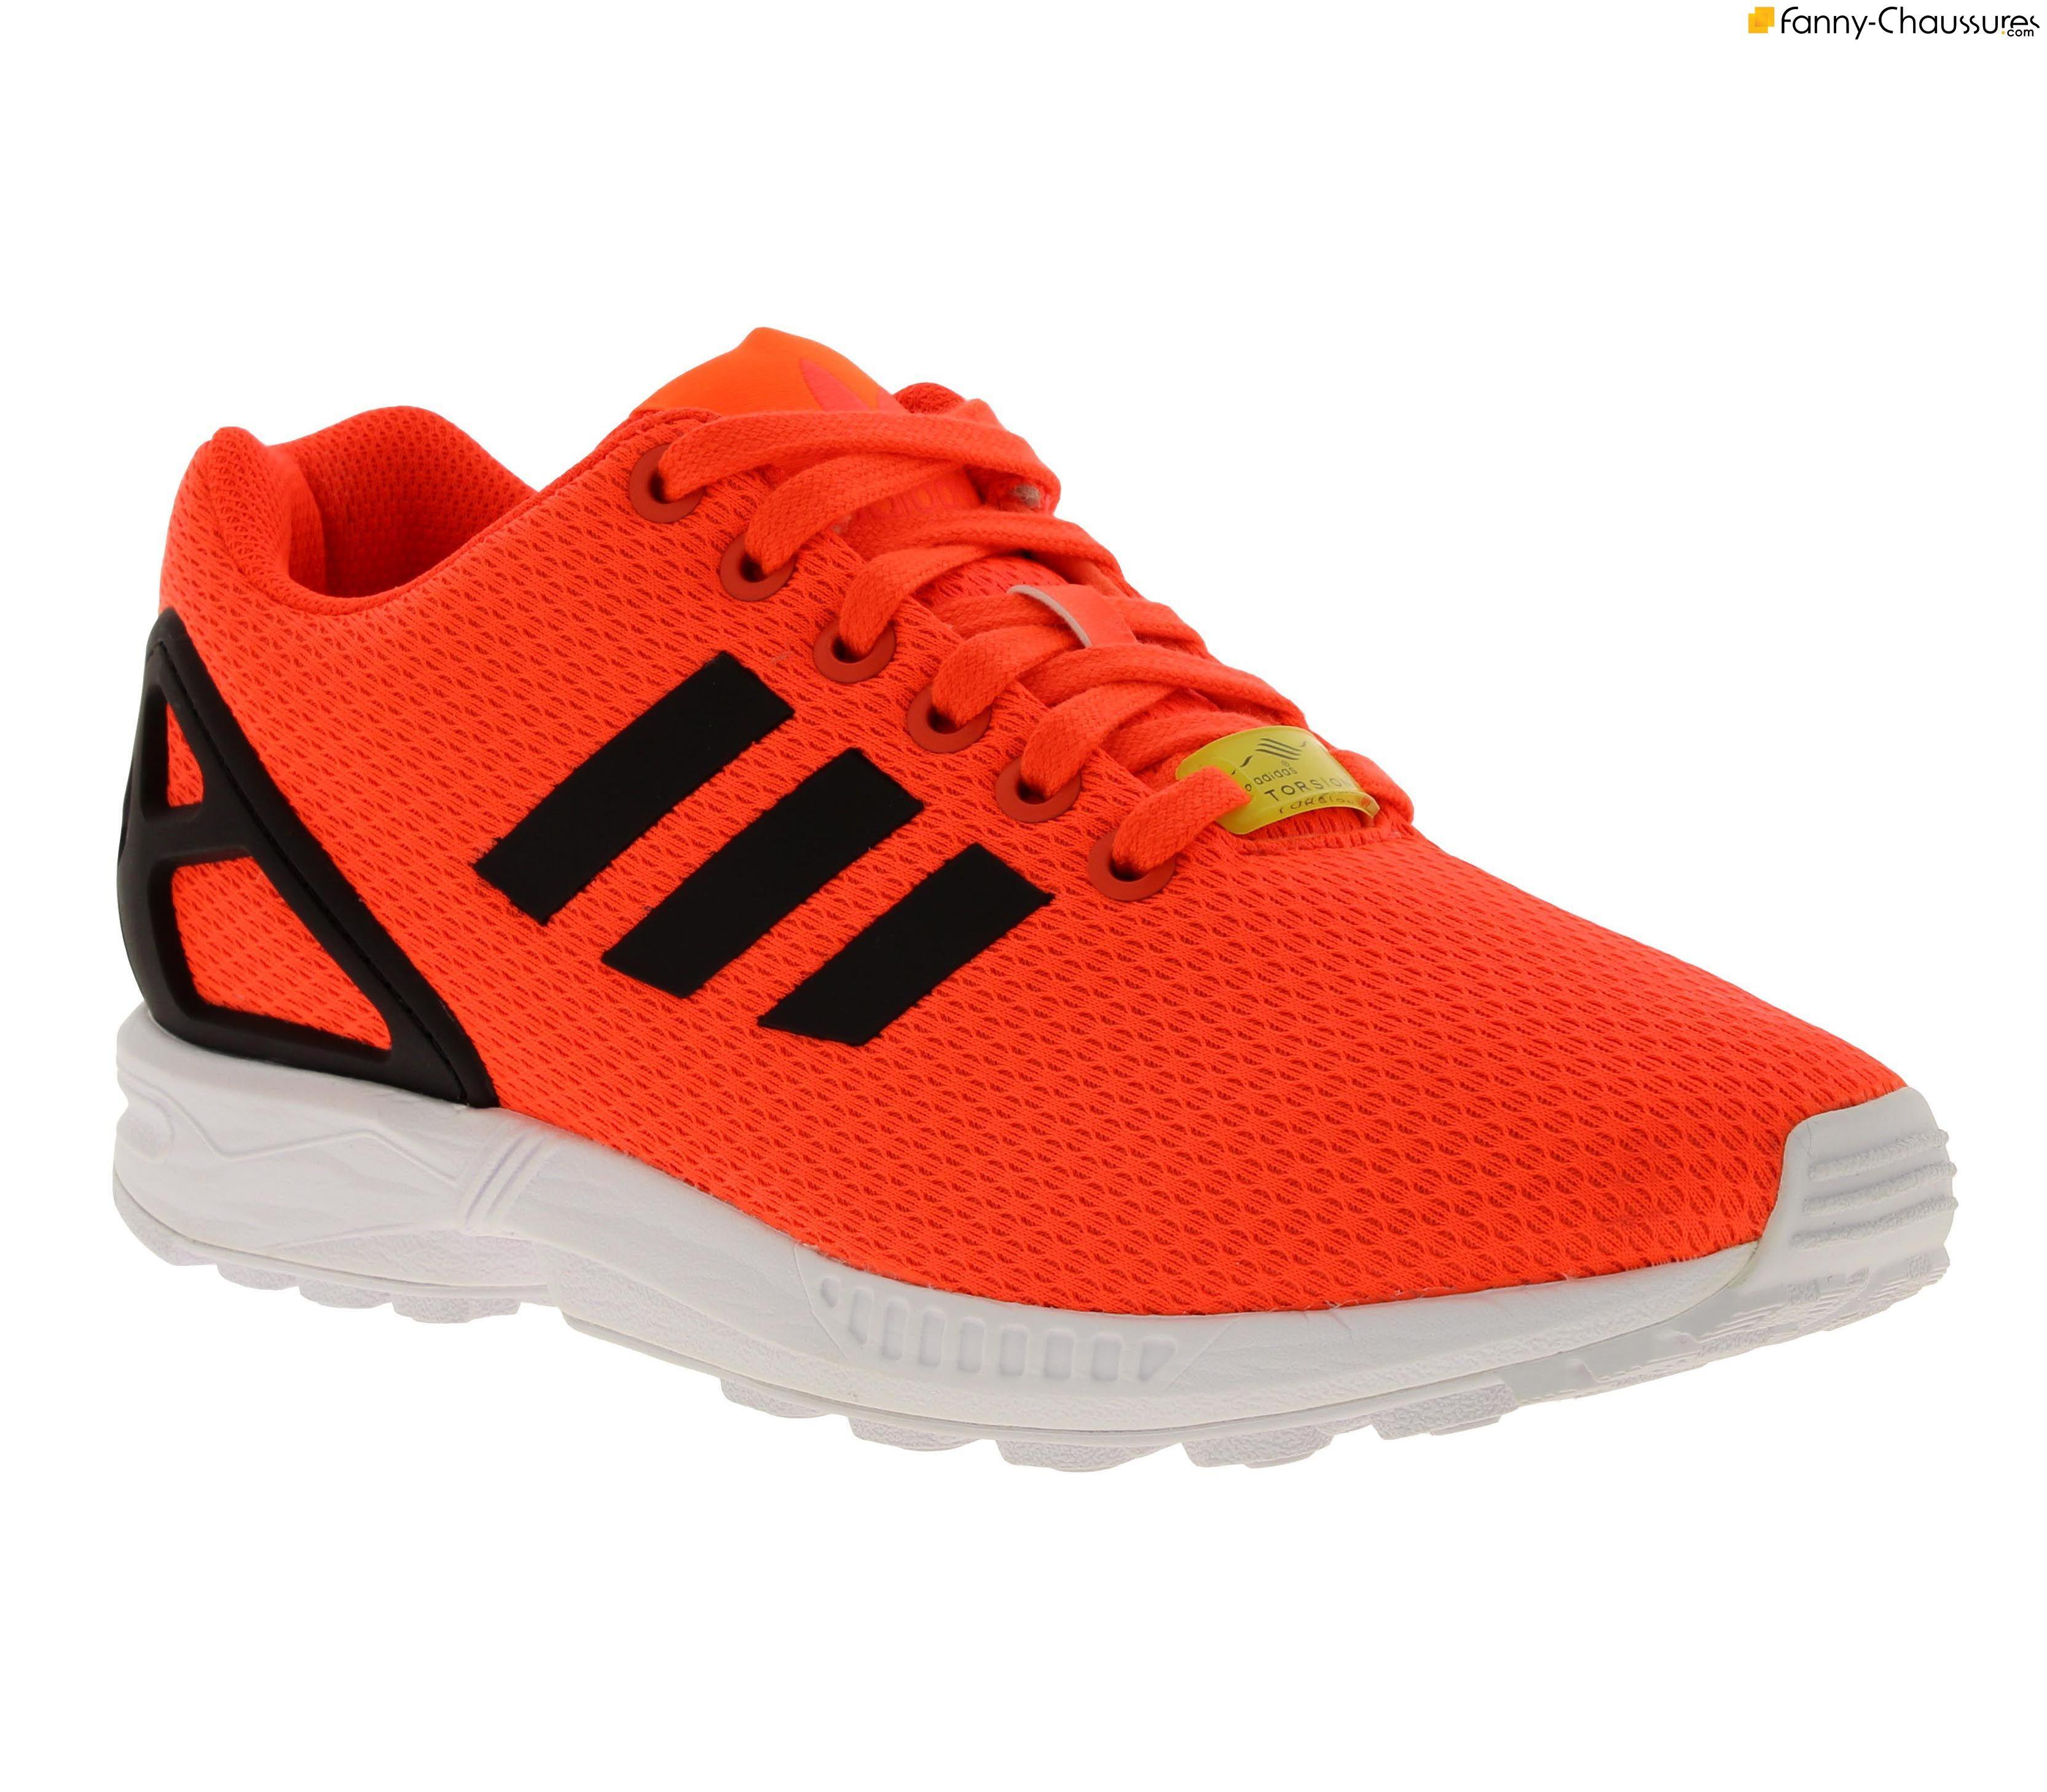 adidas zx flux orange femme